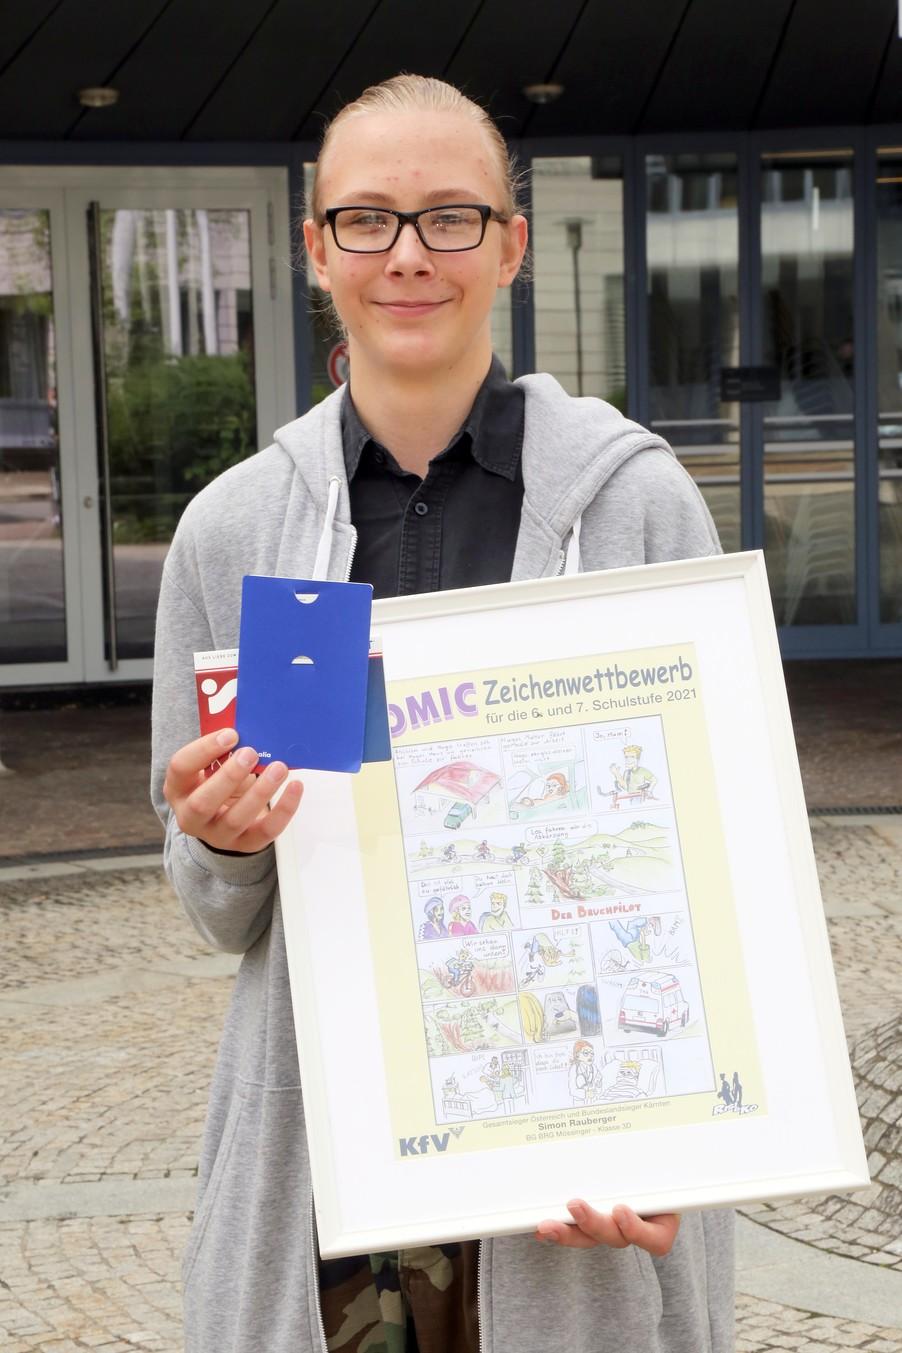 Bild 6   Schüler der BG BRG Mössinger gewinnt 1. Platz bei österreichweitem Zeichenwettbewerb